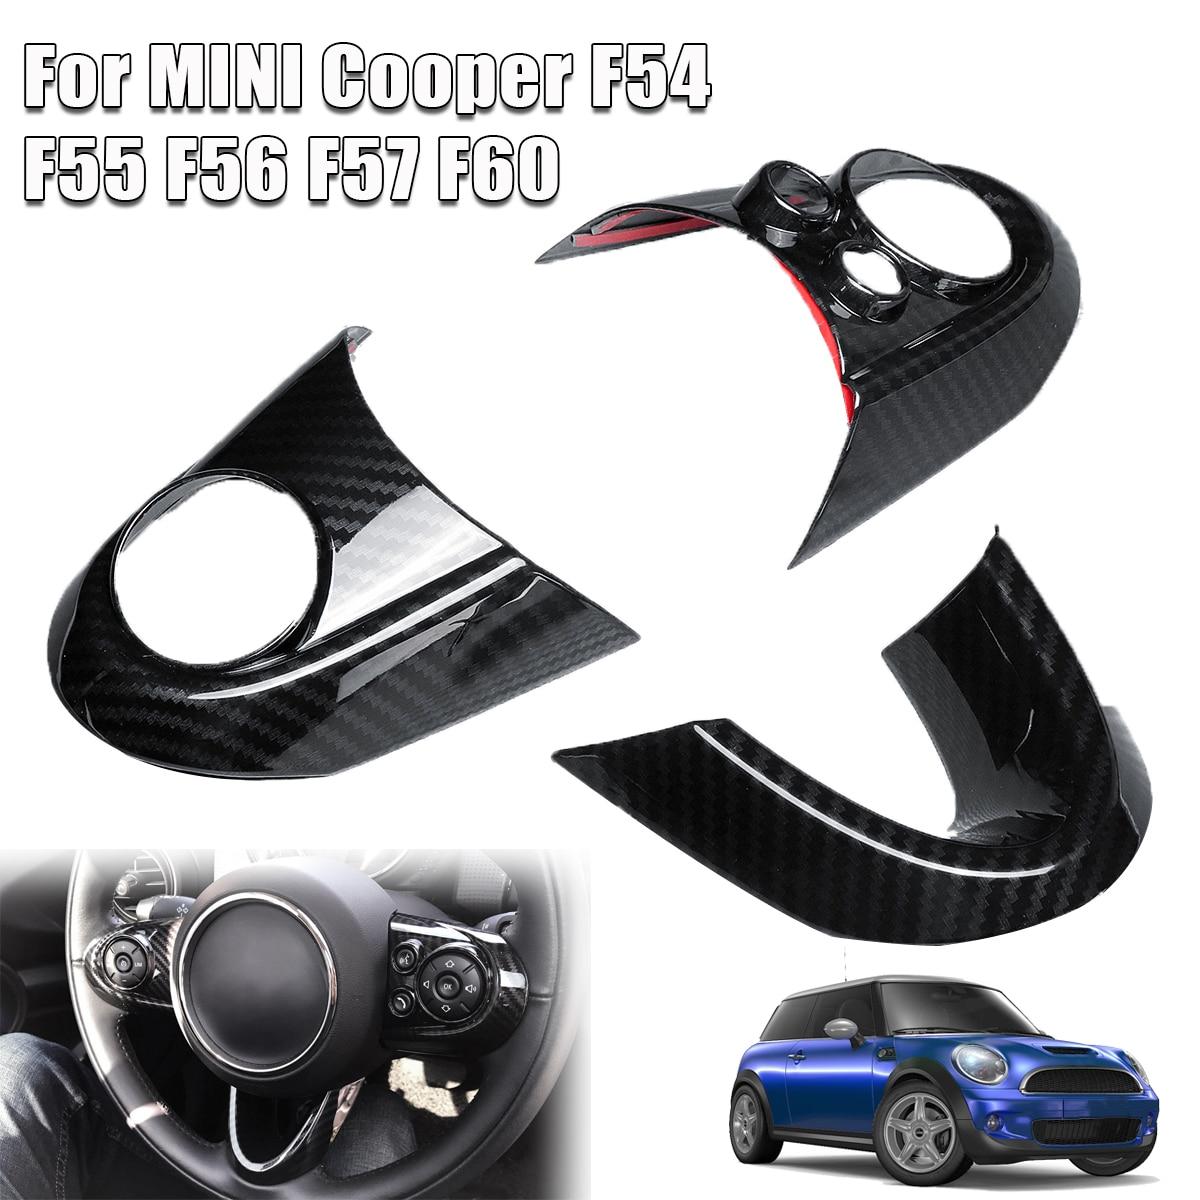 3pcs Car Steering Wheel Covers For MINI Cooper F54 F55 F56 F57 F60 Carbon Fiber Style Auto Interior Accessories Sticker Cover